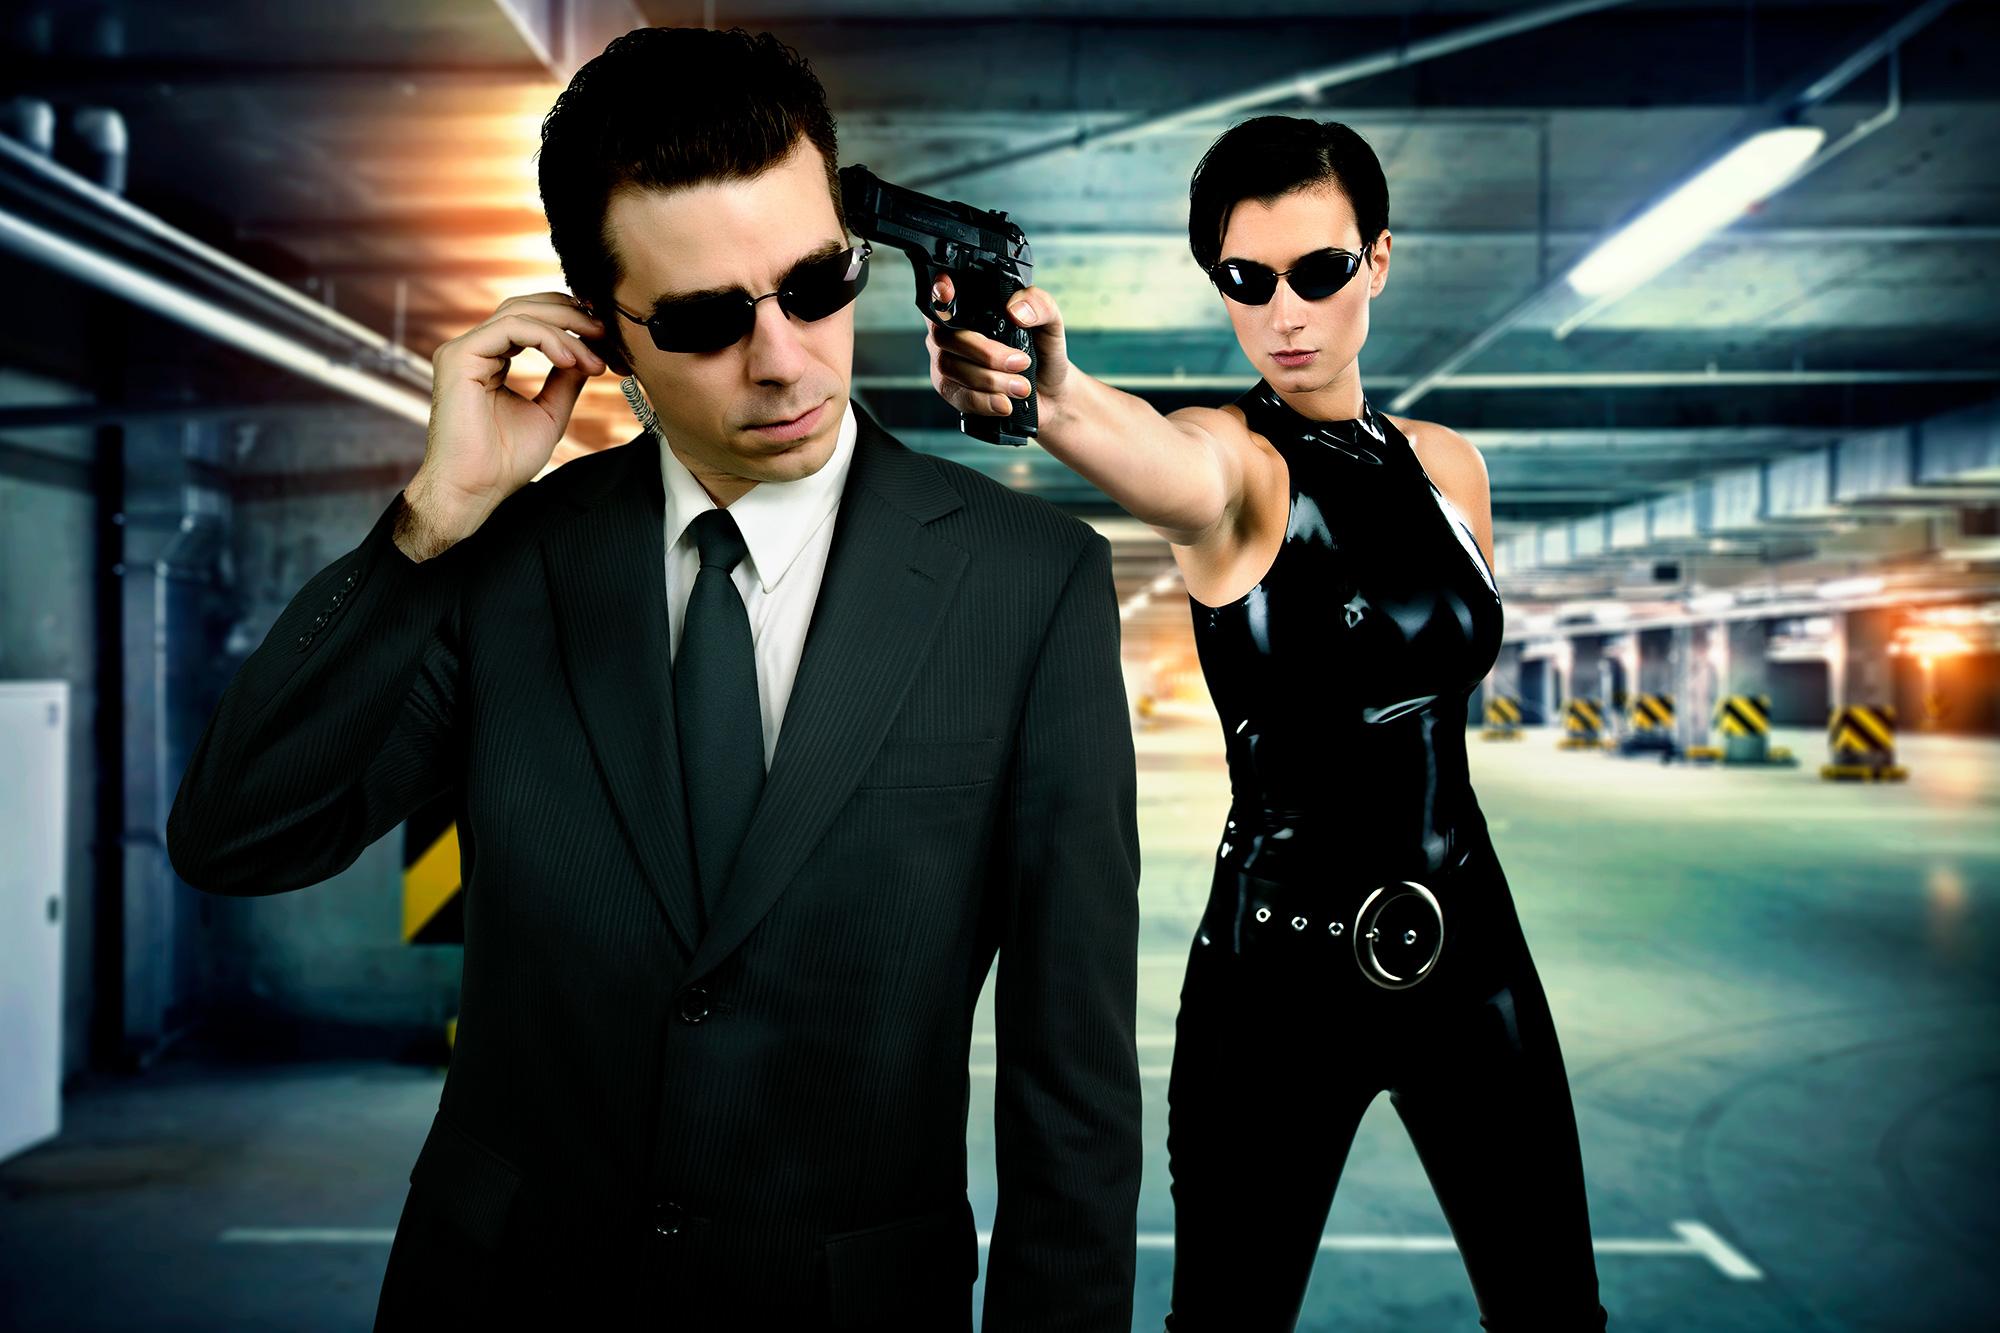 Trinity et Agent Smith